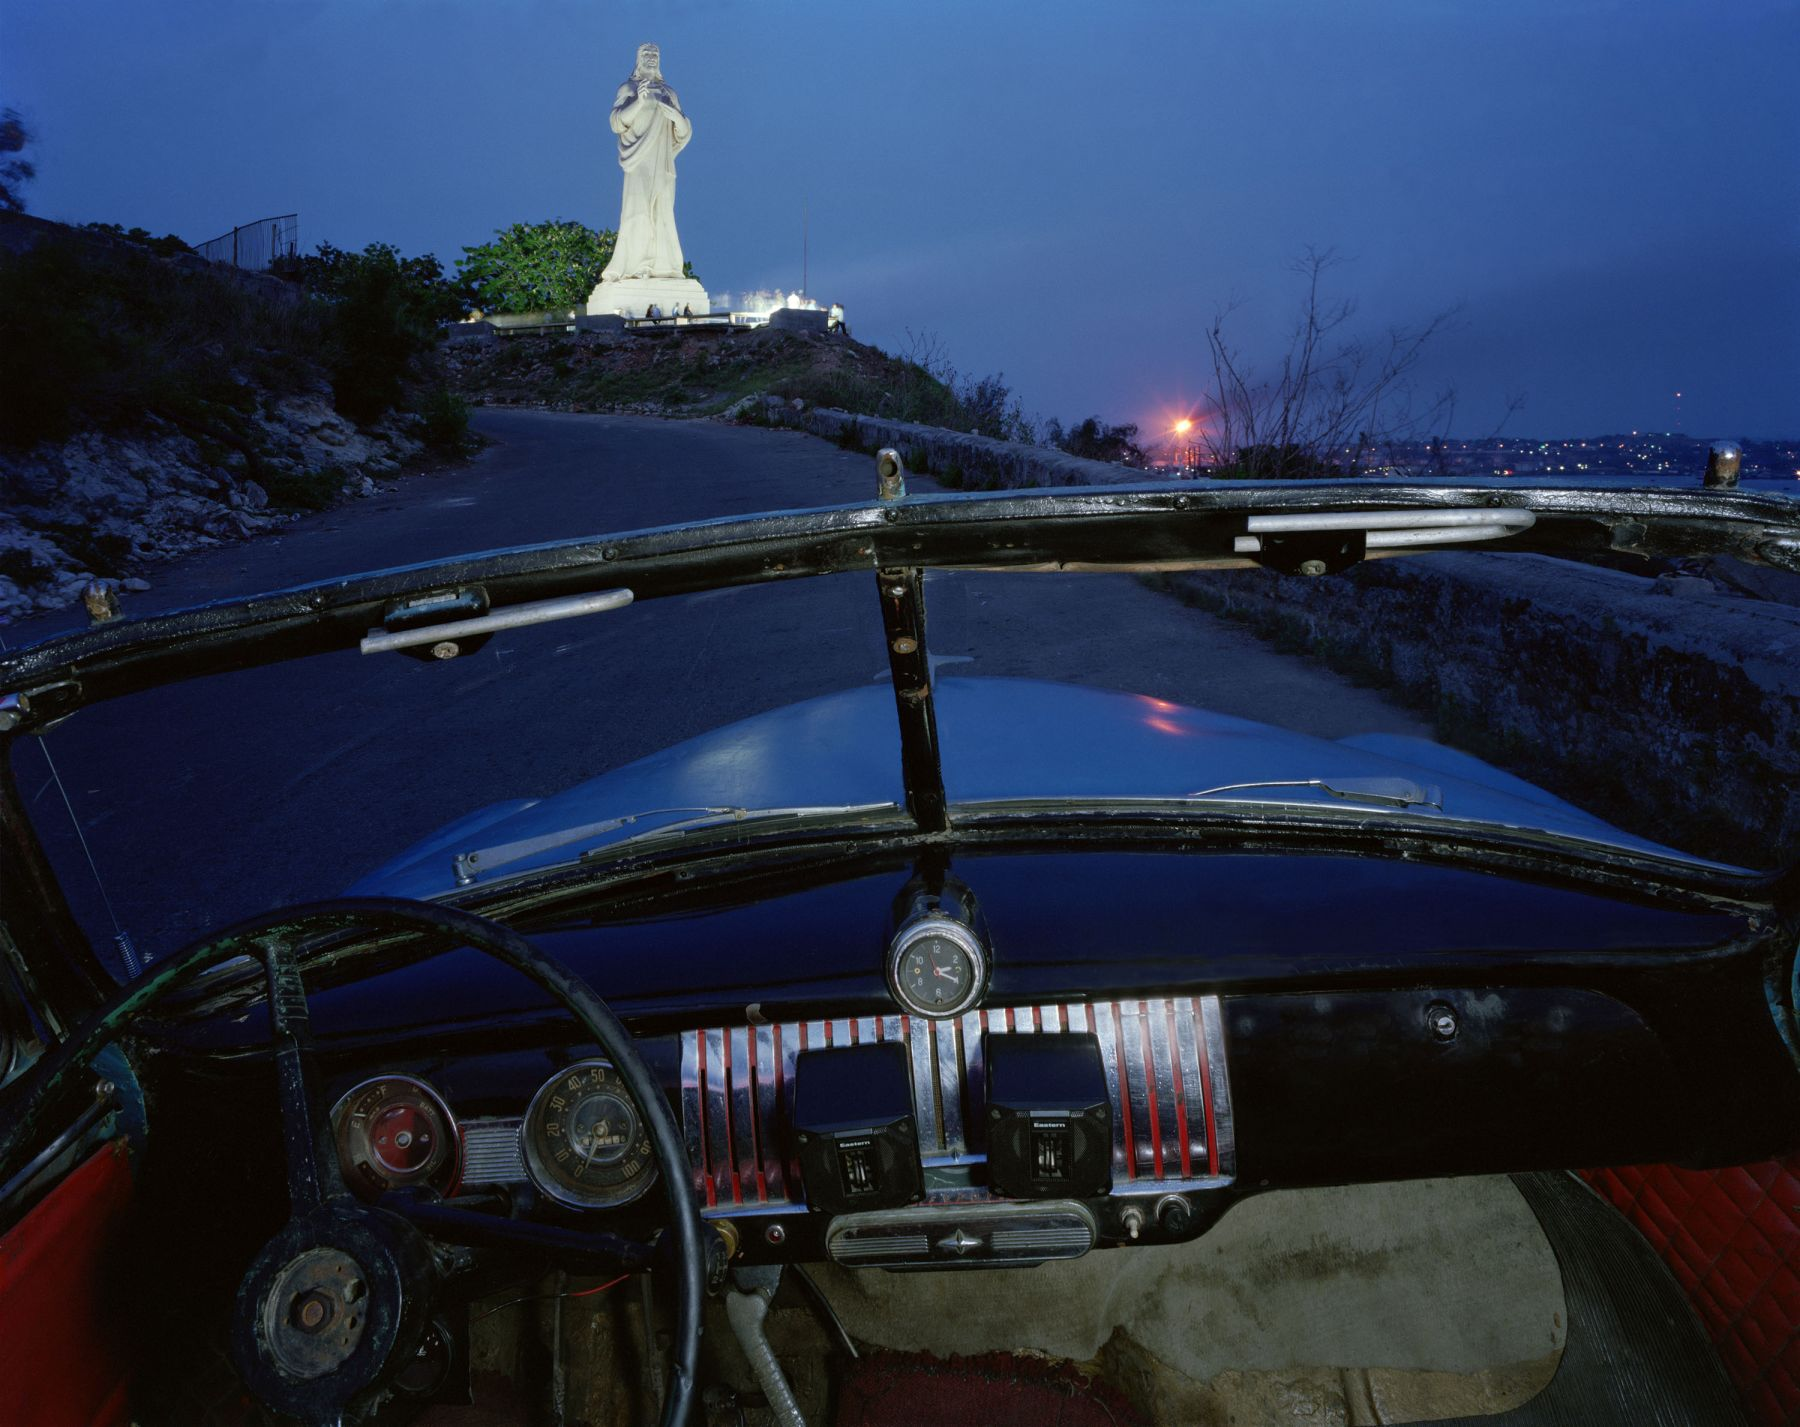 ALEX HARRIS  El Cristo de Casablanca, looking west from Ricardo Moya Silveira's 1951 Chevrolet, Havana May 24, 1998